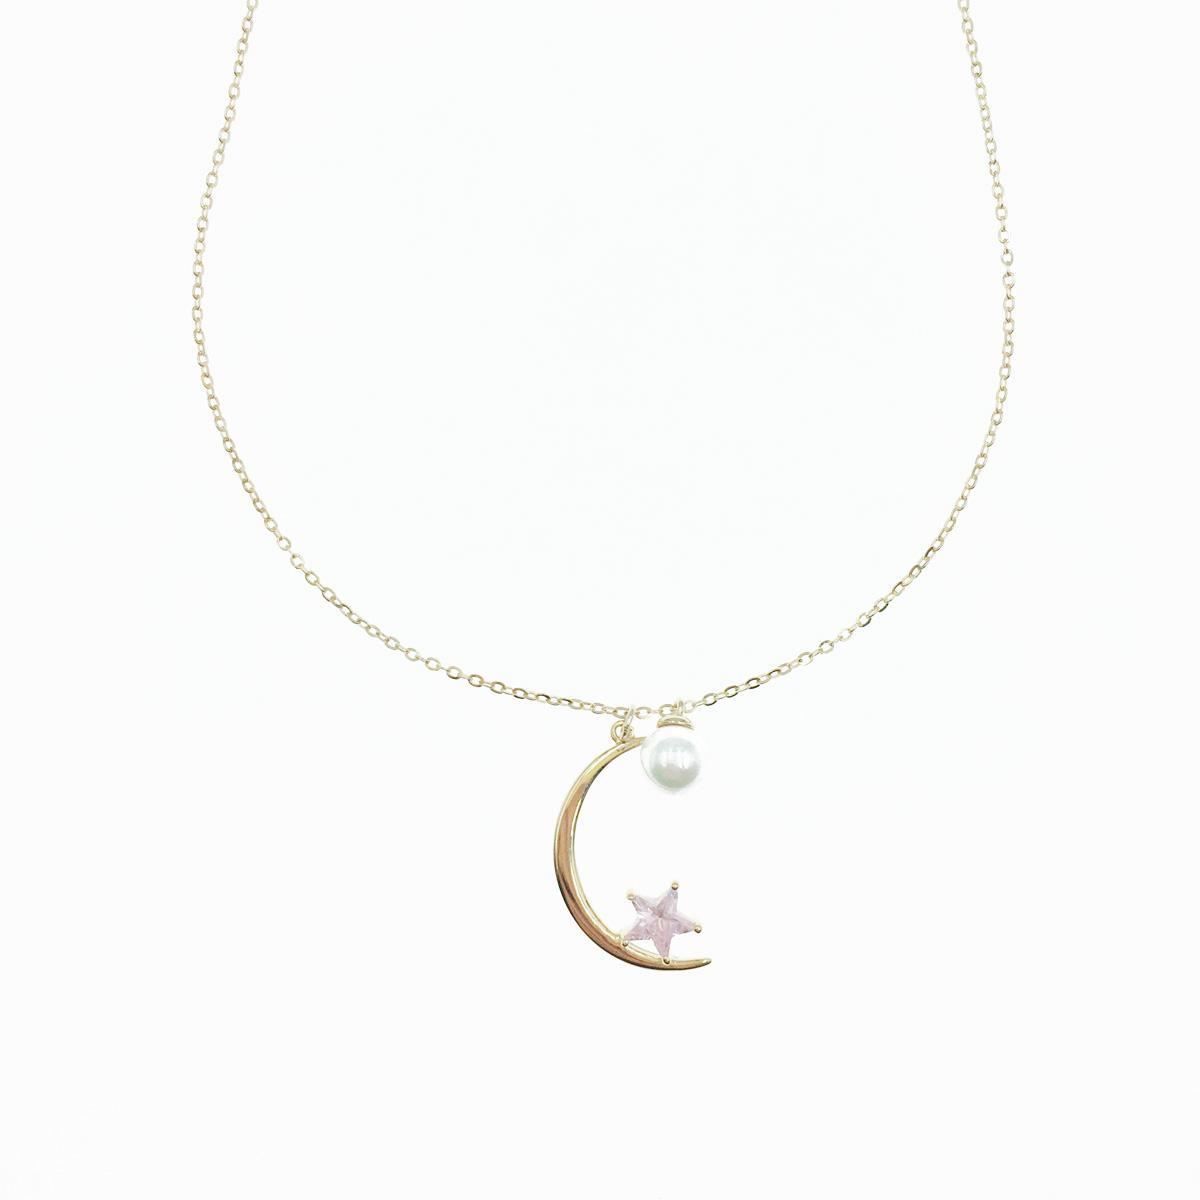 韓國 925純銀 月亮 水鑽星星 珍珠 墜飾 玫瑰金 項鍊